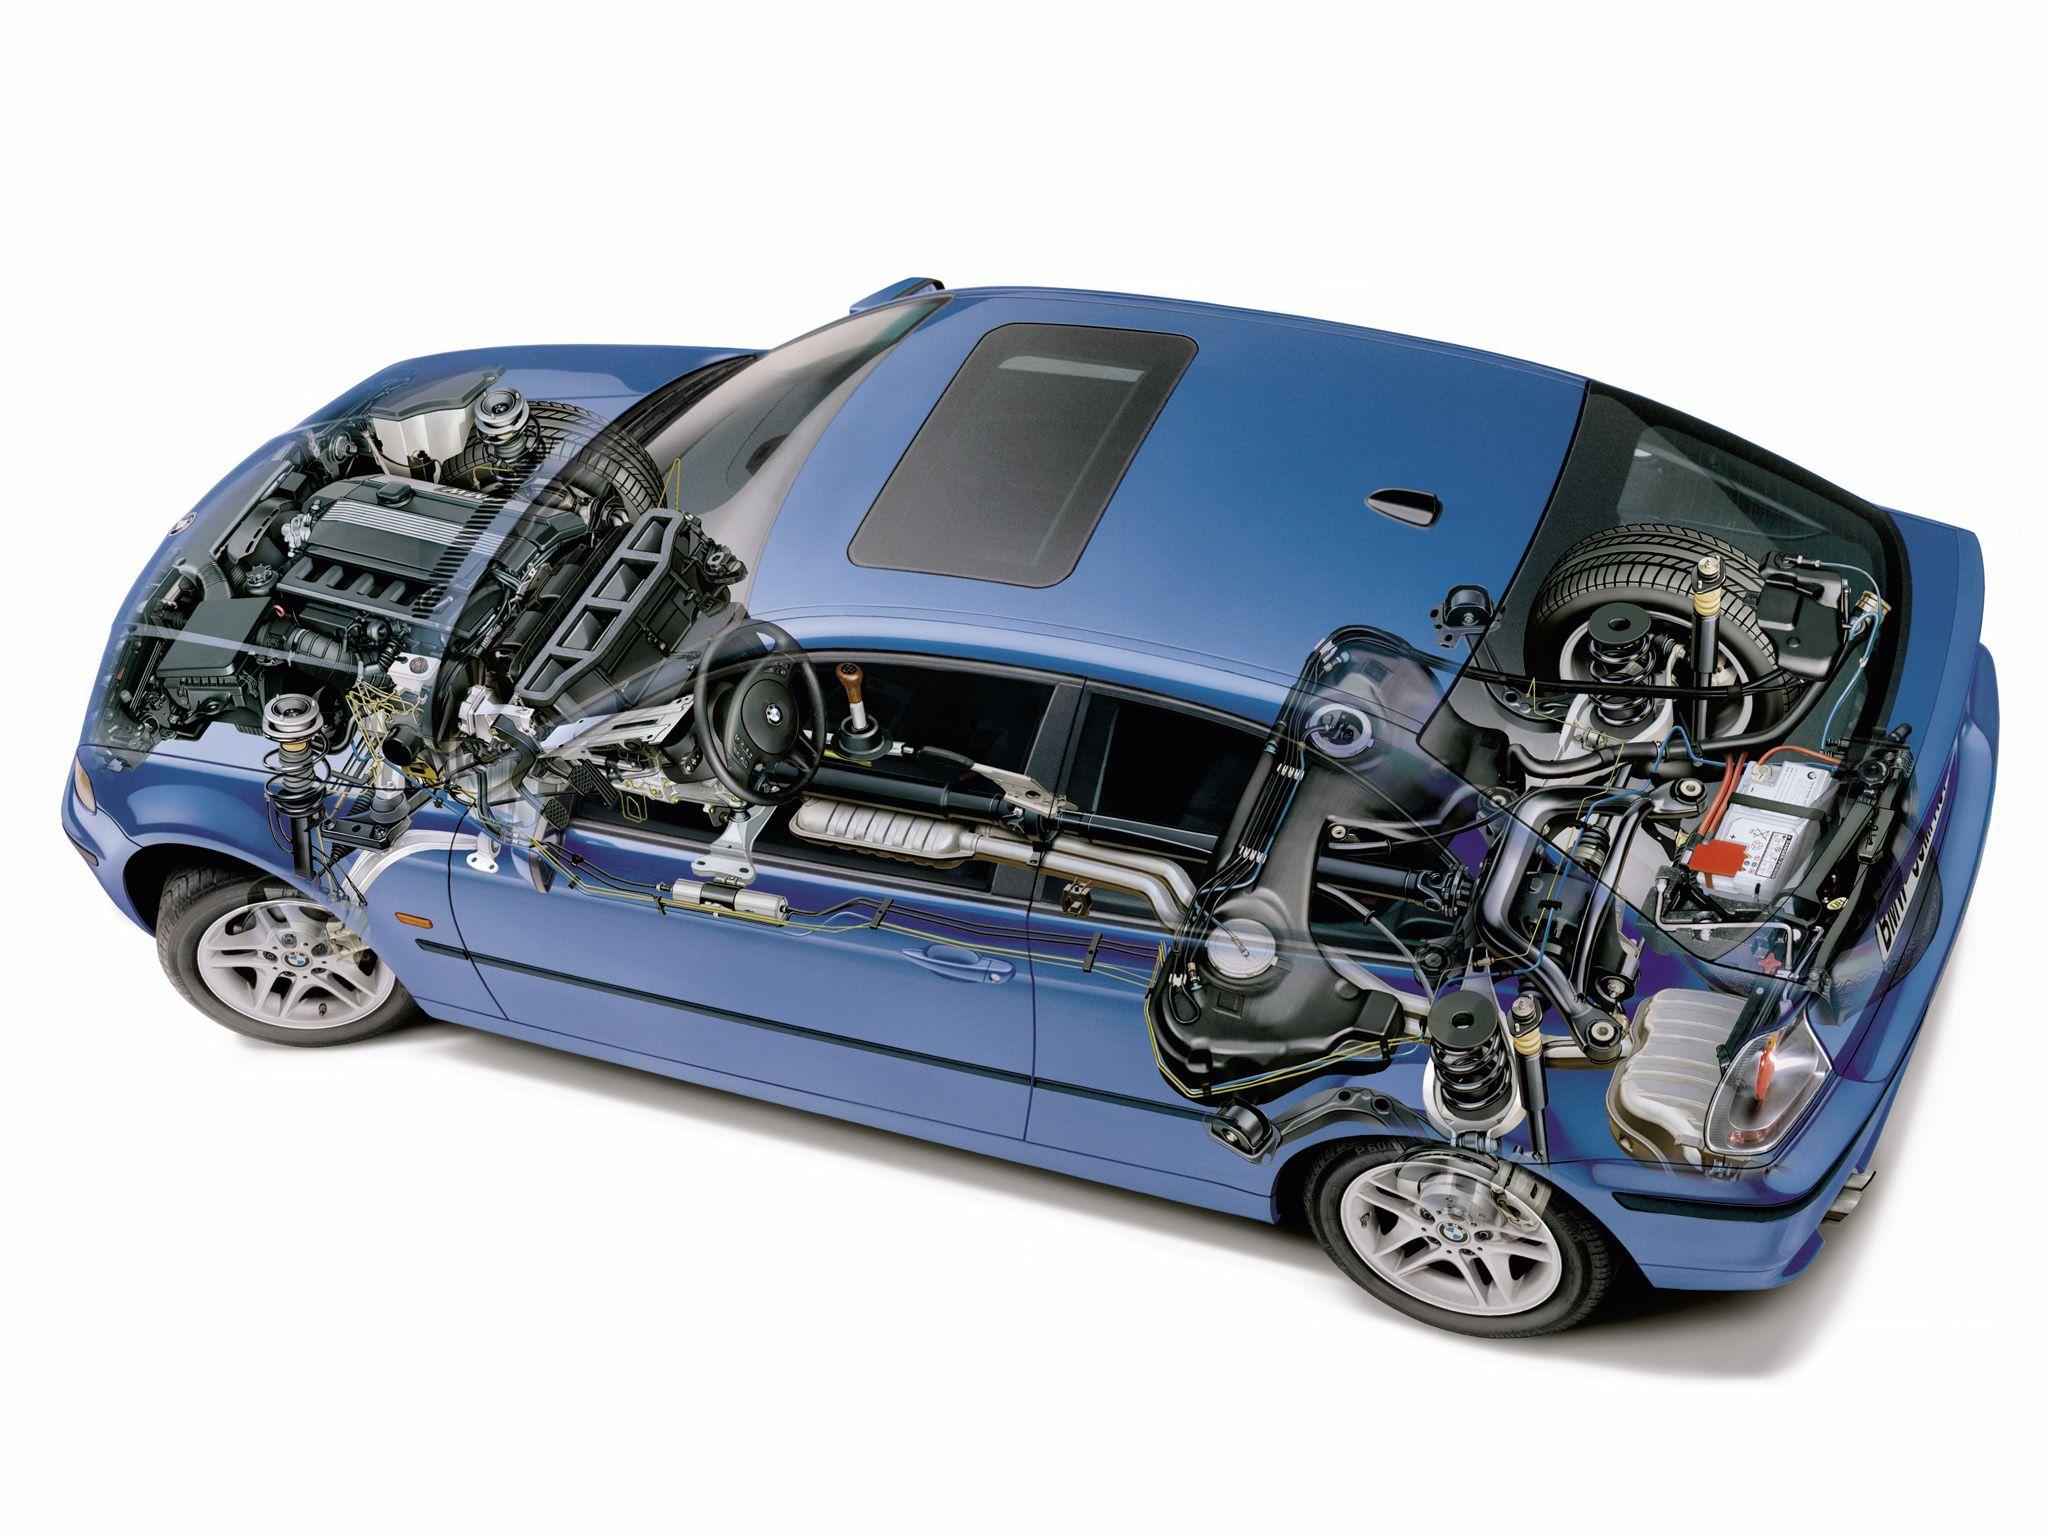 1023018ddb899e7f7385896c405115d6 Surprising Bmw Z1 Le Bon Coin Cars Trend